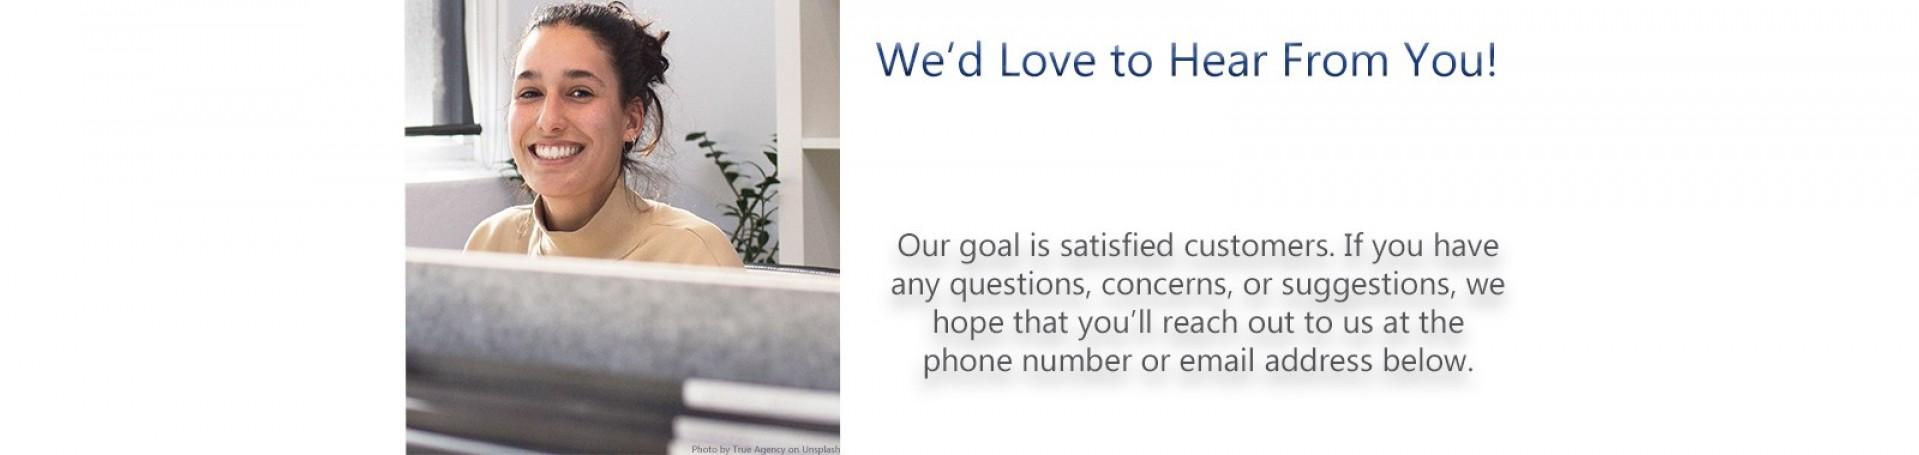 hero-contact-us-hero-1200-b-790c1380